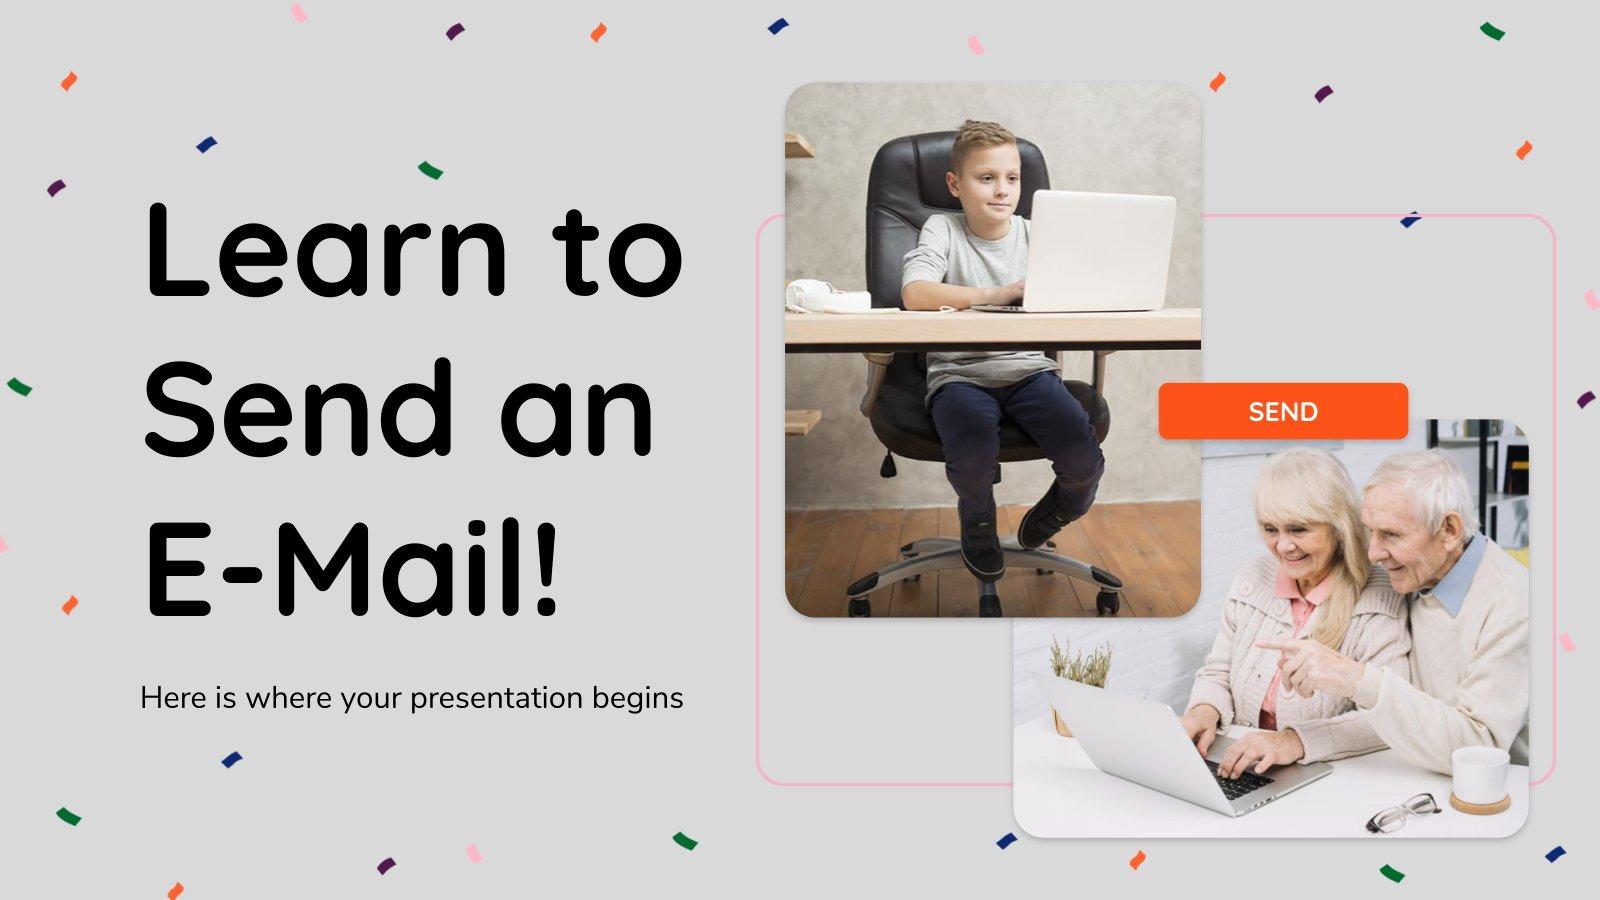 Apprenez à envoyer un e-mail : Modèles de présentation